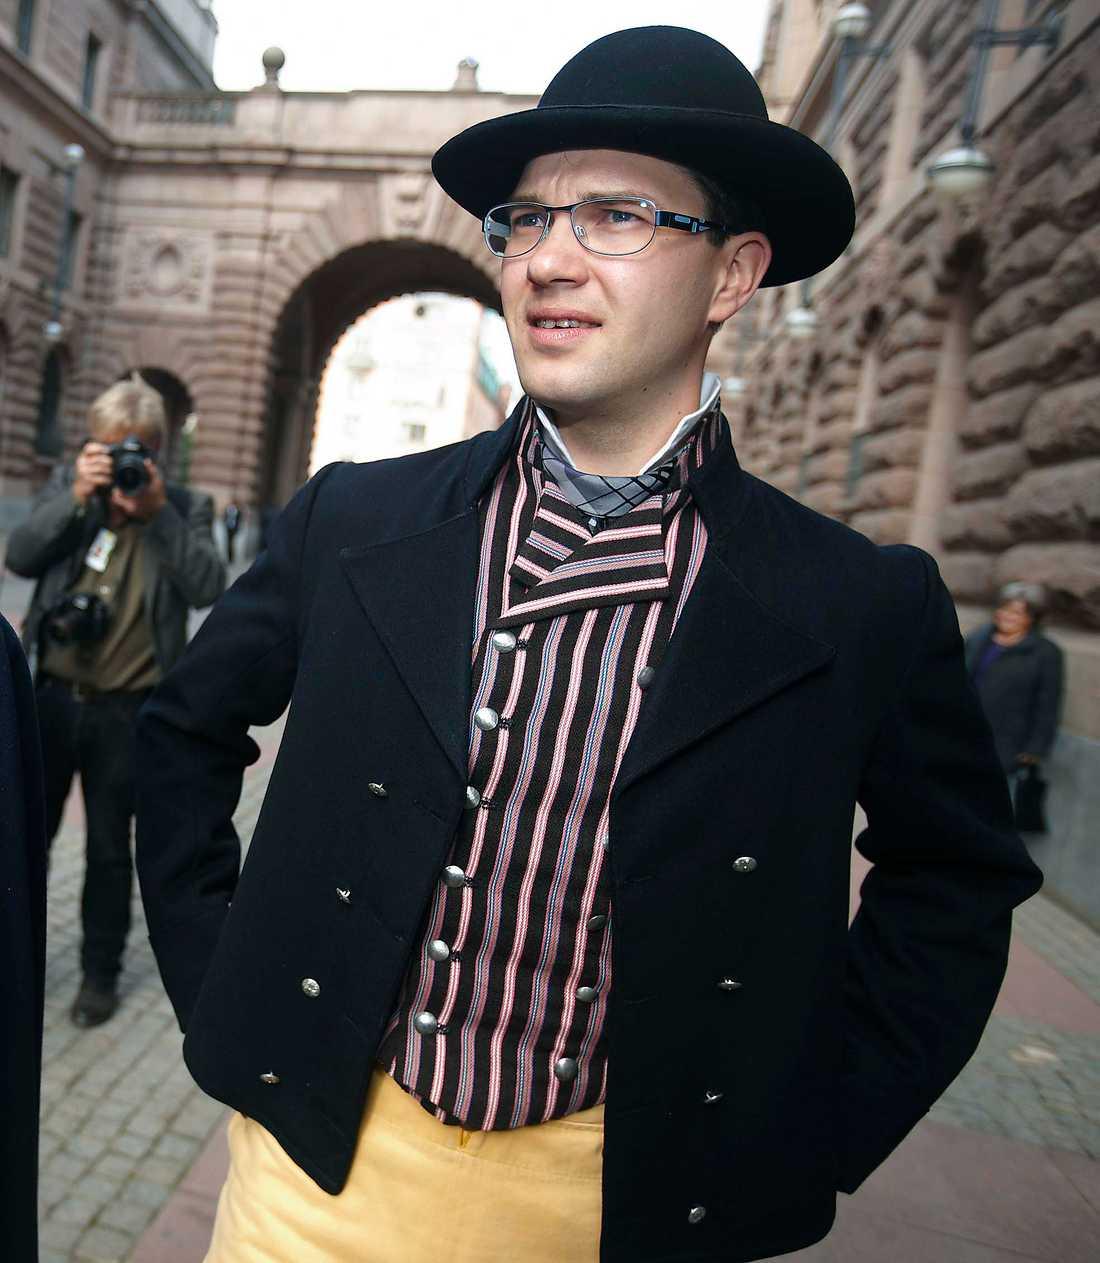 KULTURRADIKAL I dag är det radikalt att bära folkdräkt, tycker Sverigedemokraterna. Här Jimmie Åkesson i en Blekinge-dräkt som han hyrt av Skansens klädkammare.